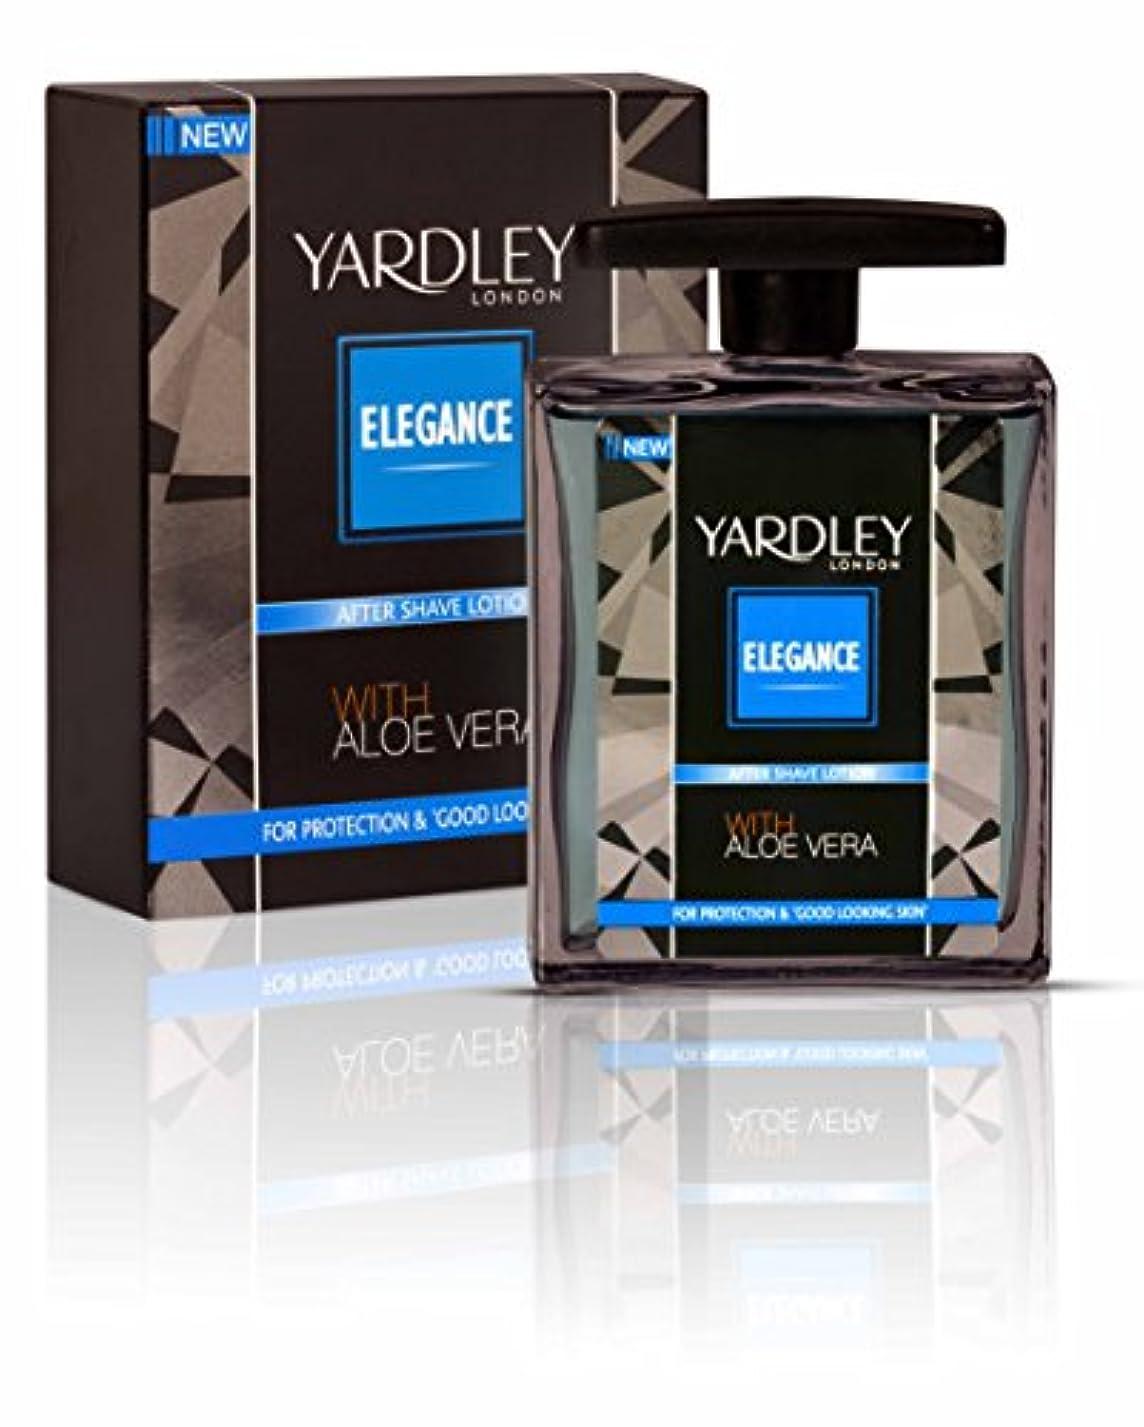 カンガルーボウル粘性のYardley London After Shave Lotion Elegance 100ml by Yardley